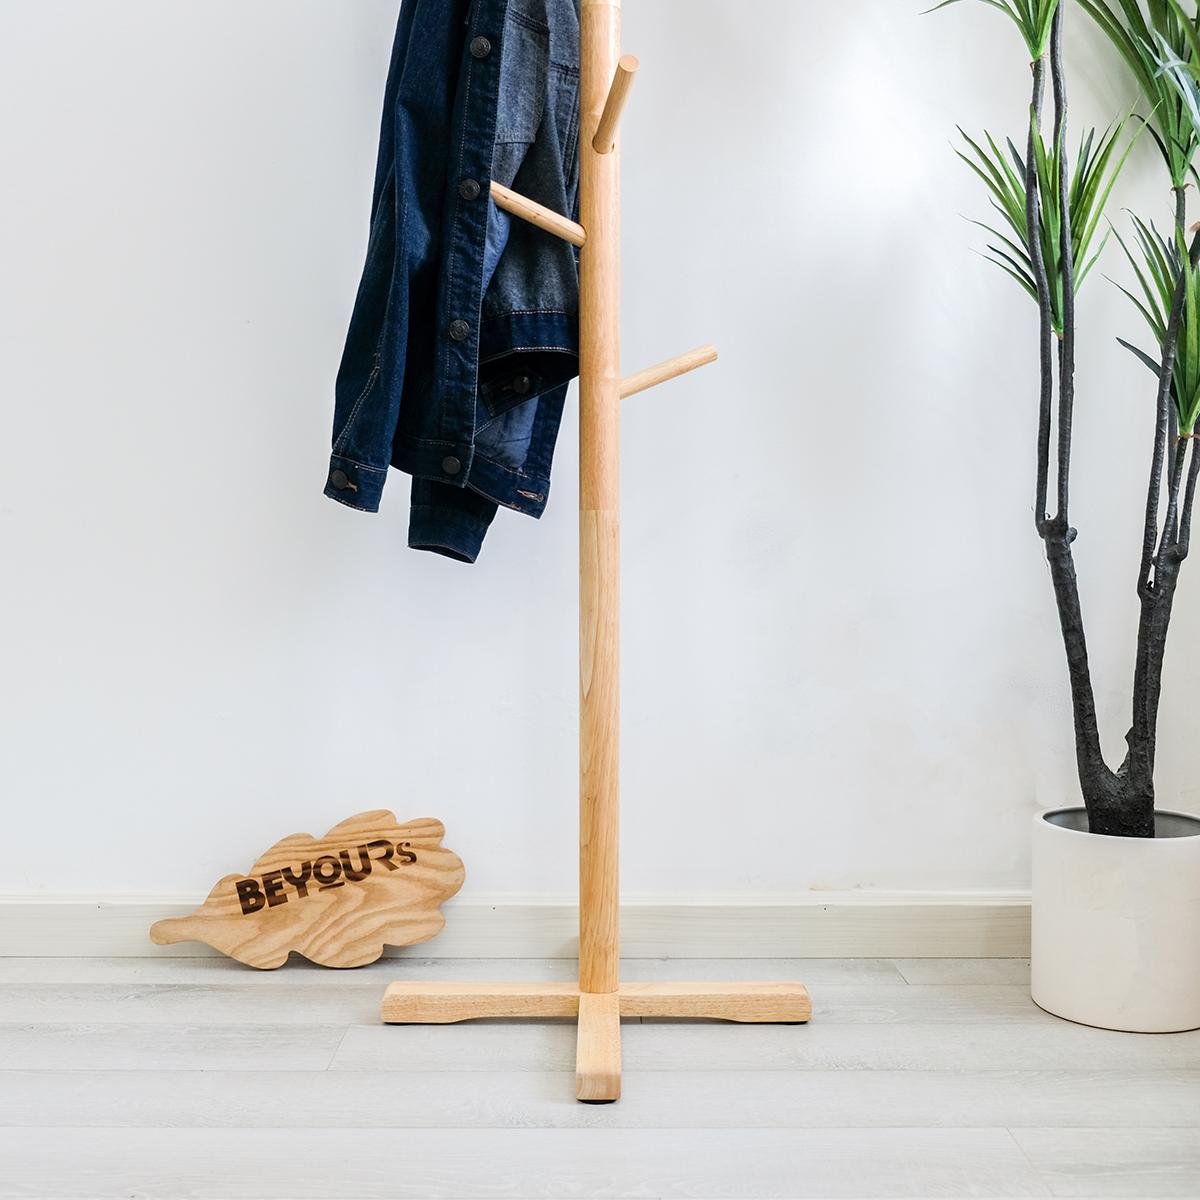 Cây Treo Quần Áo Đồ Gỗ BEYOURs Thông Minh - Móc Treo Quần Áo Standing-Hanger - Nội Thất Phòng Khách, Phòng Ngủ - Gỗ Tự Nhiên